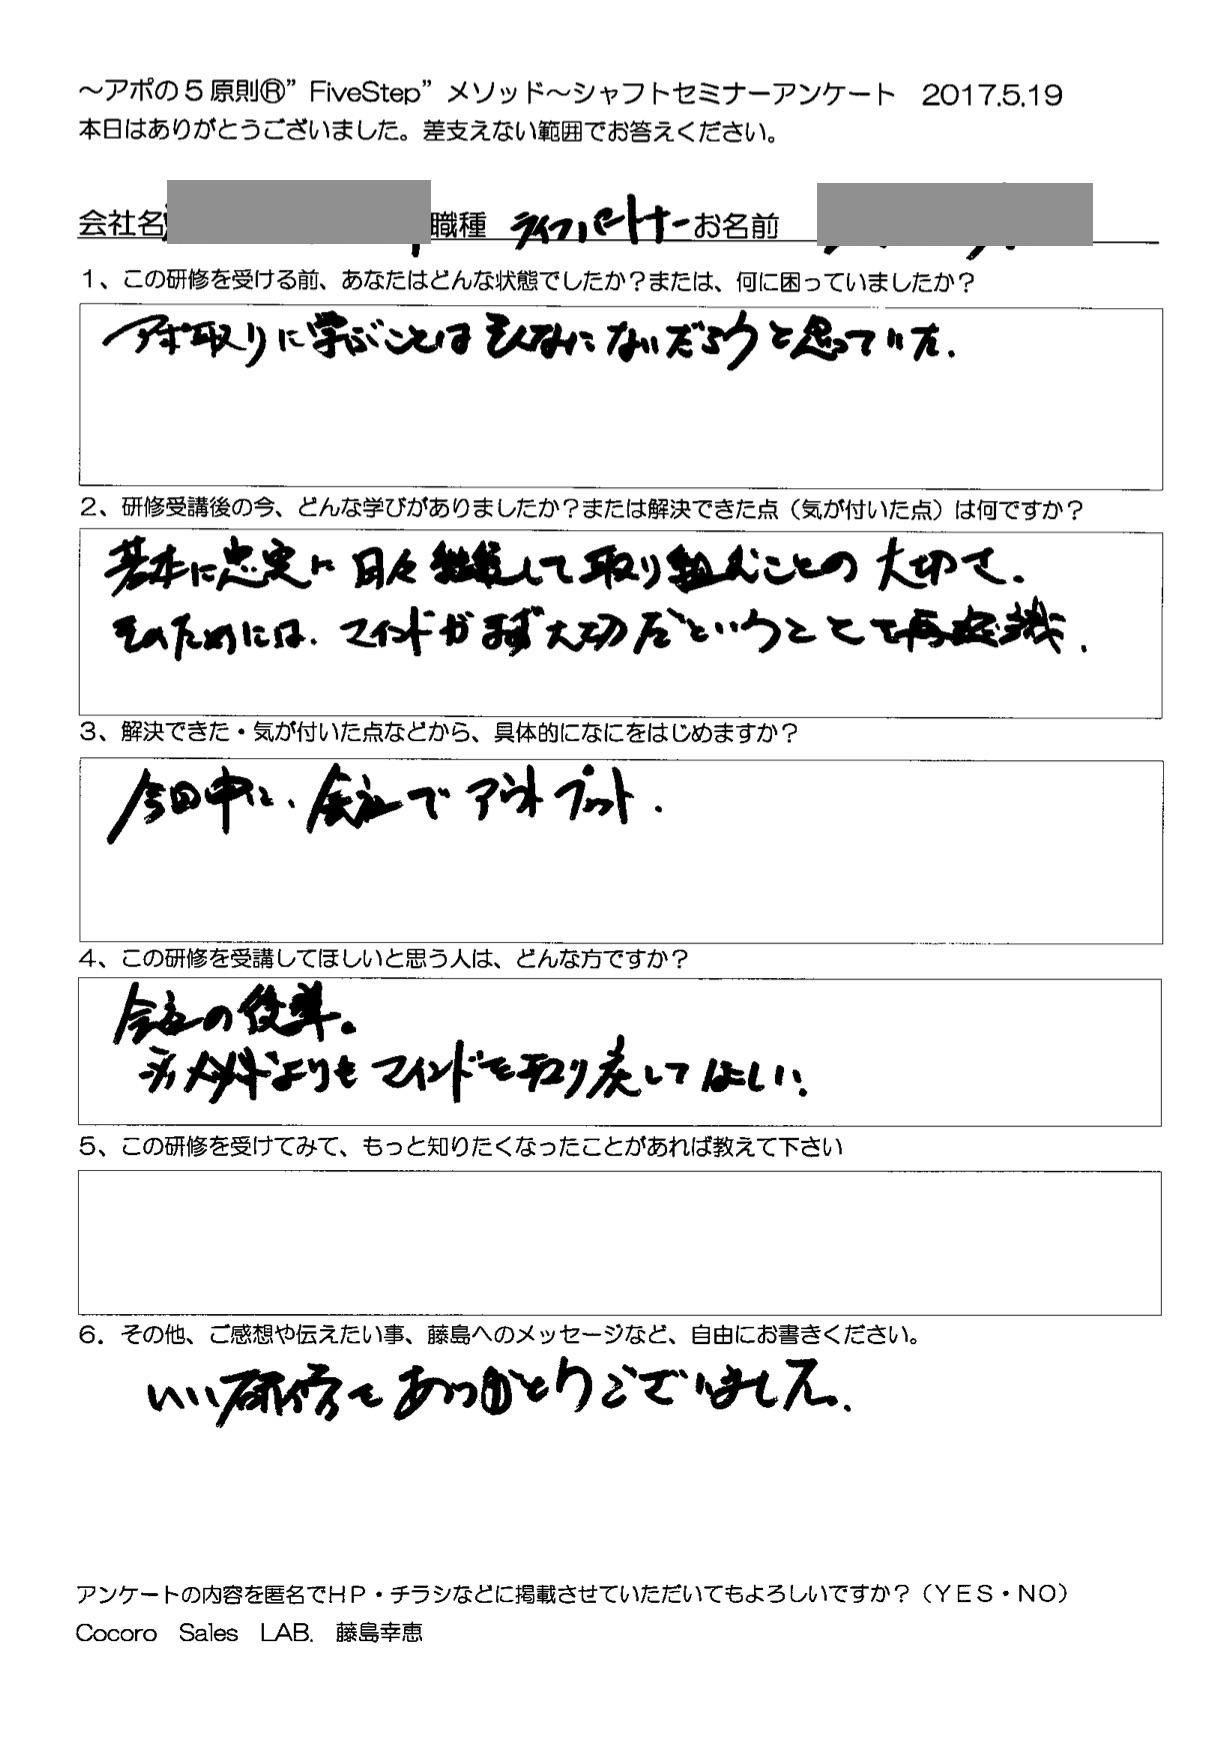 """株式会社シャフト様 fleFP塾特別セミナー 【アポの5原則®""""Five Step""""メソッド】アンケート3"""